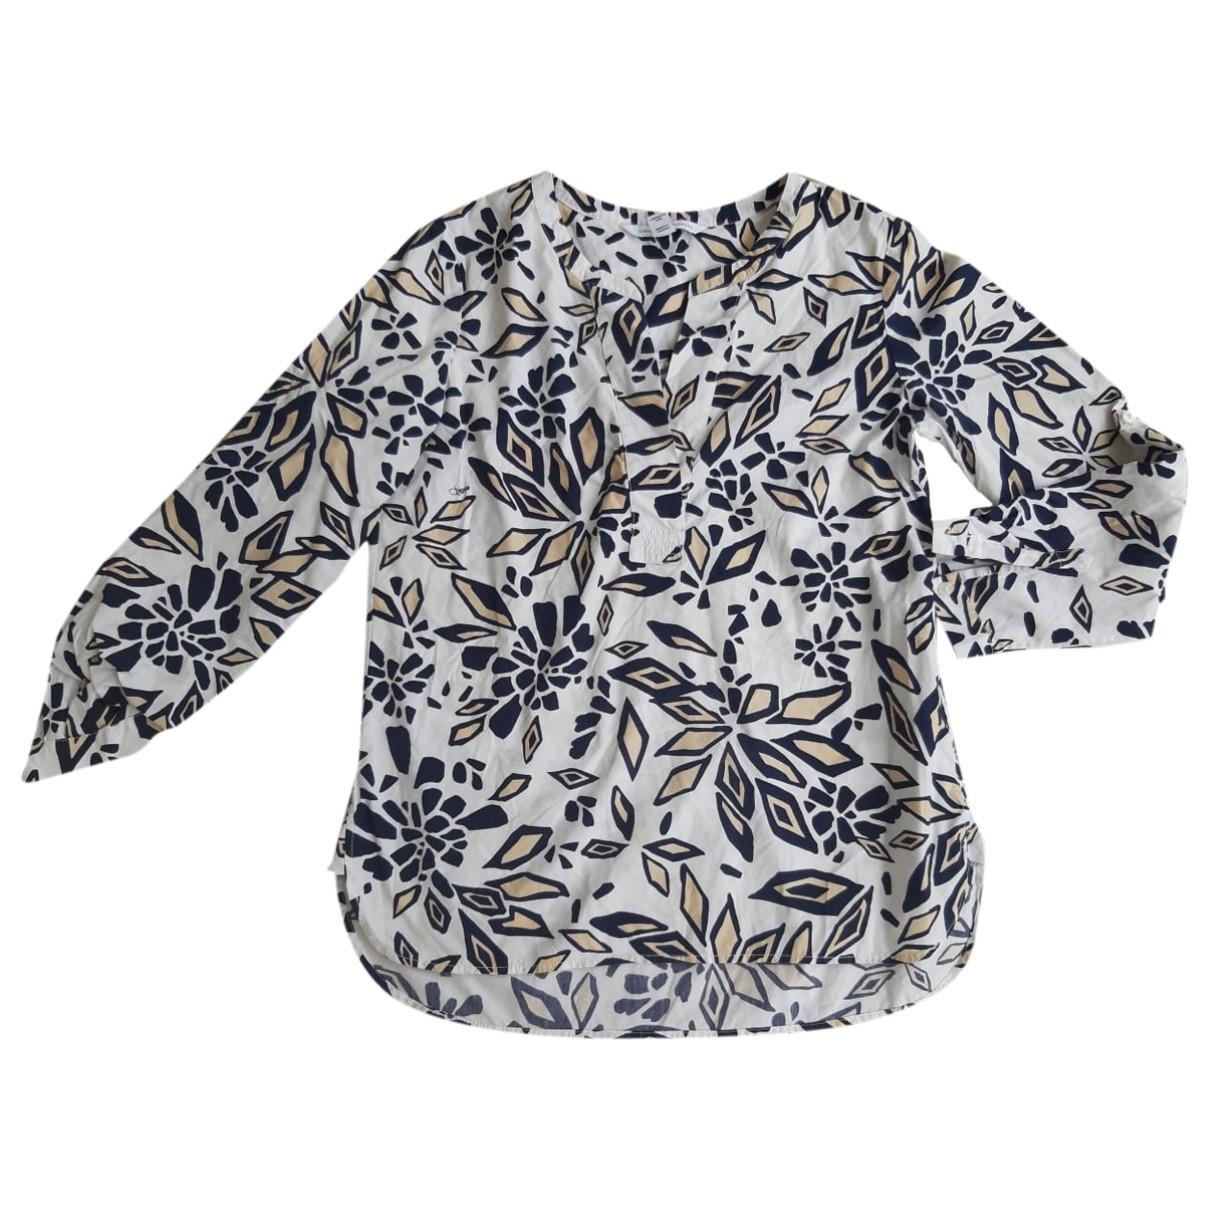 Diane Von Furstenberg \N White Cotton  top for Women 44 IT